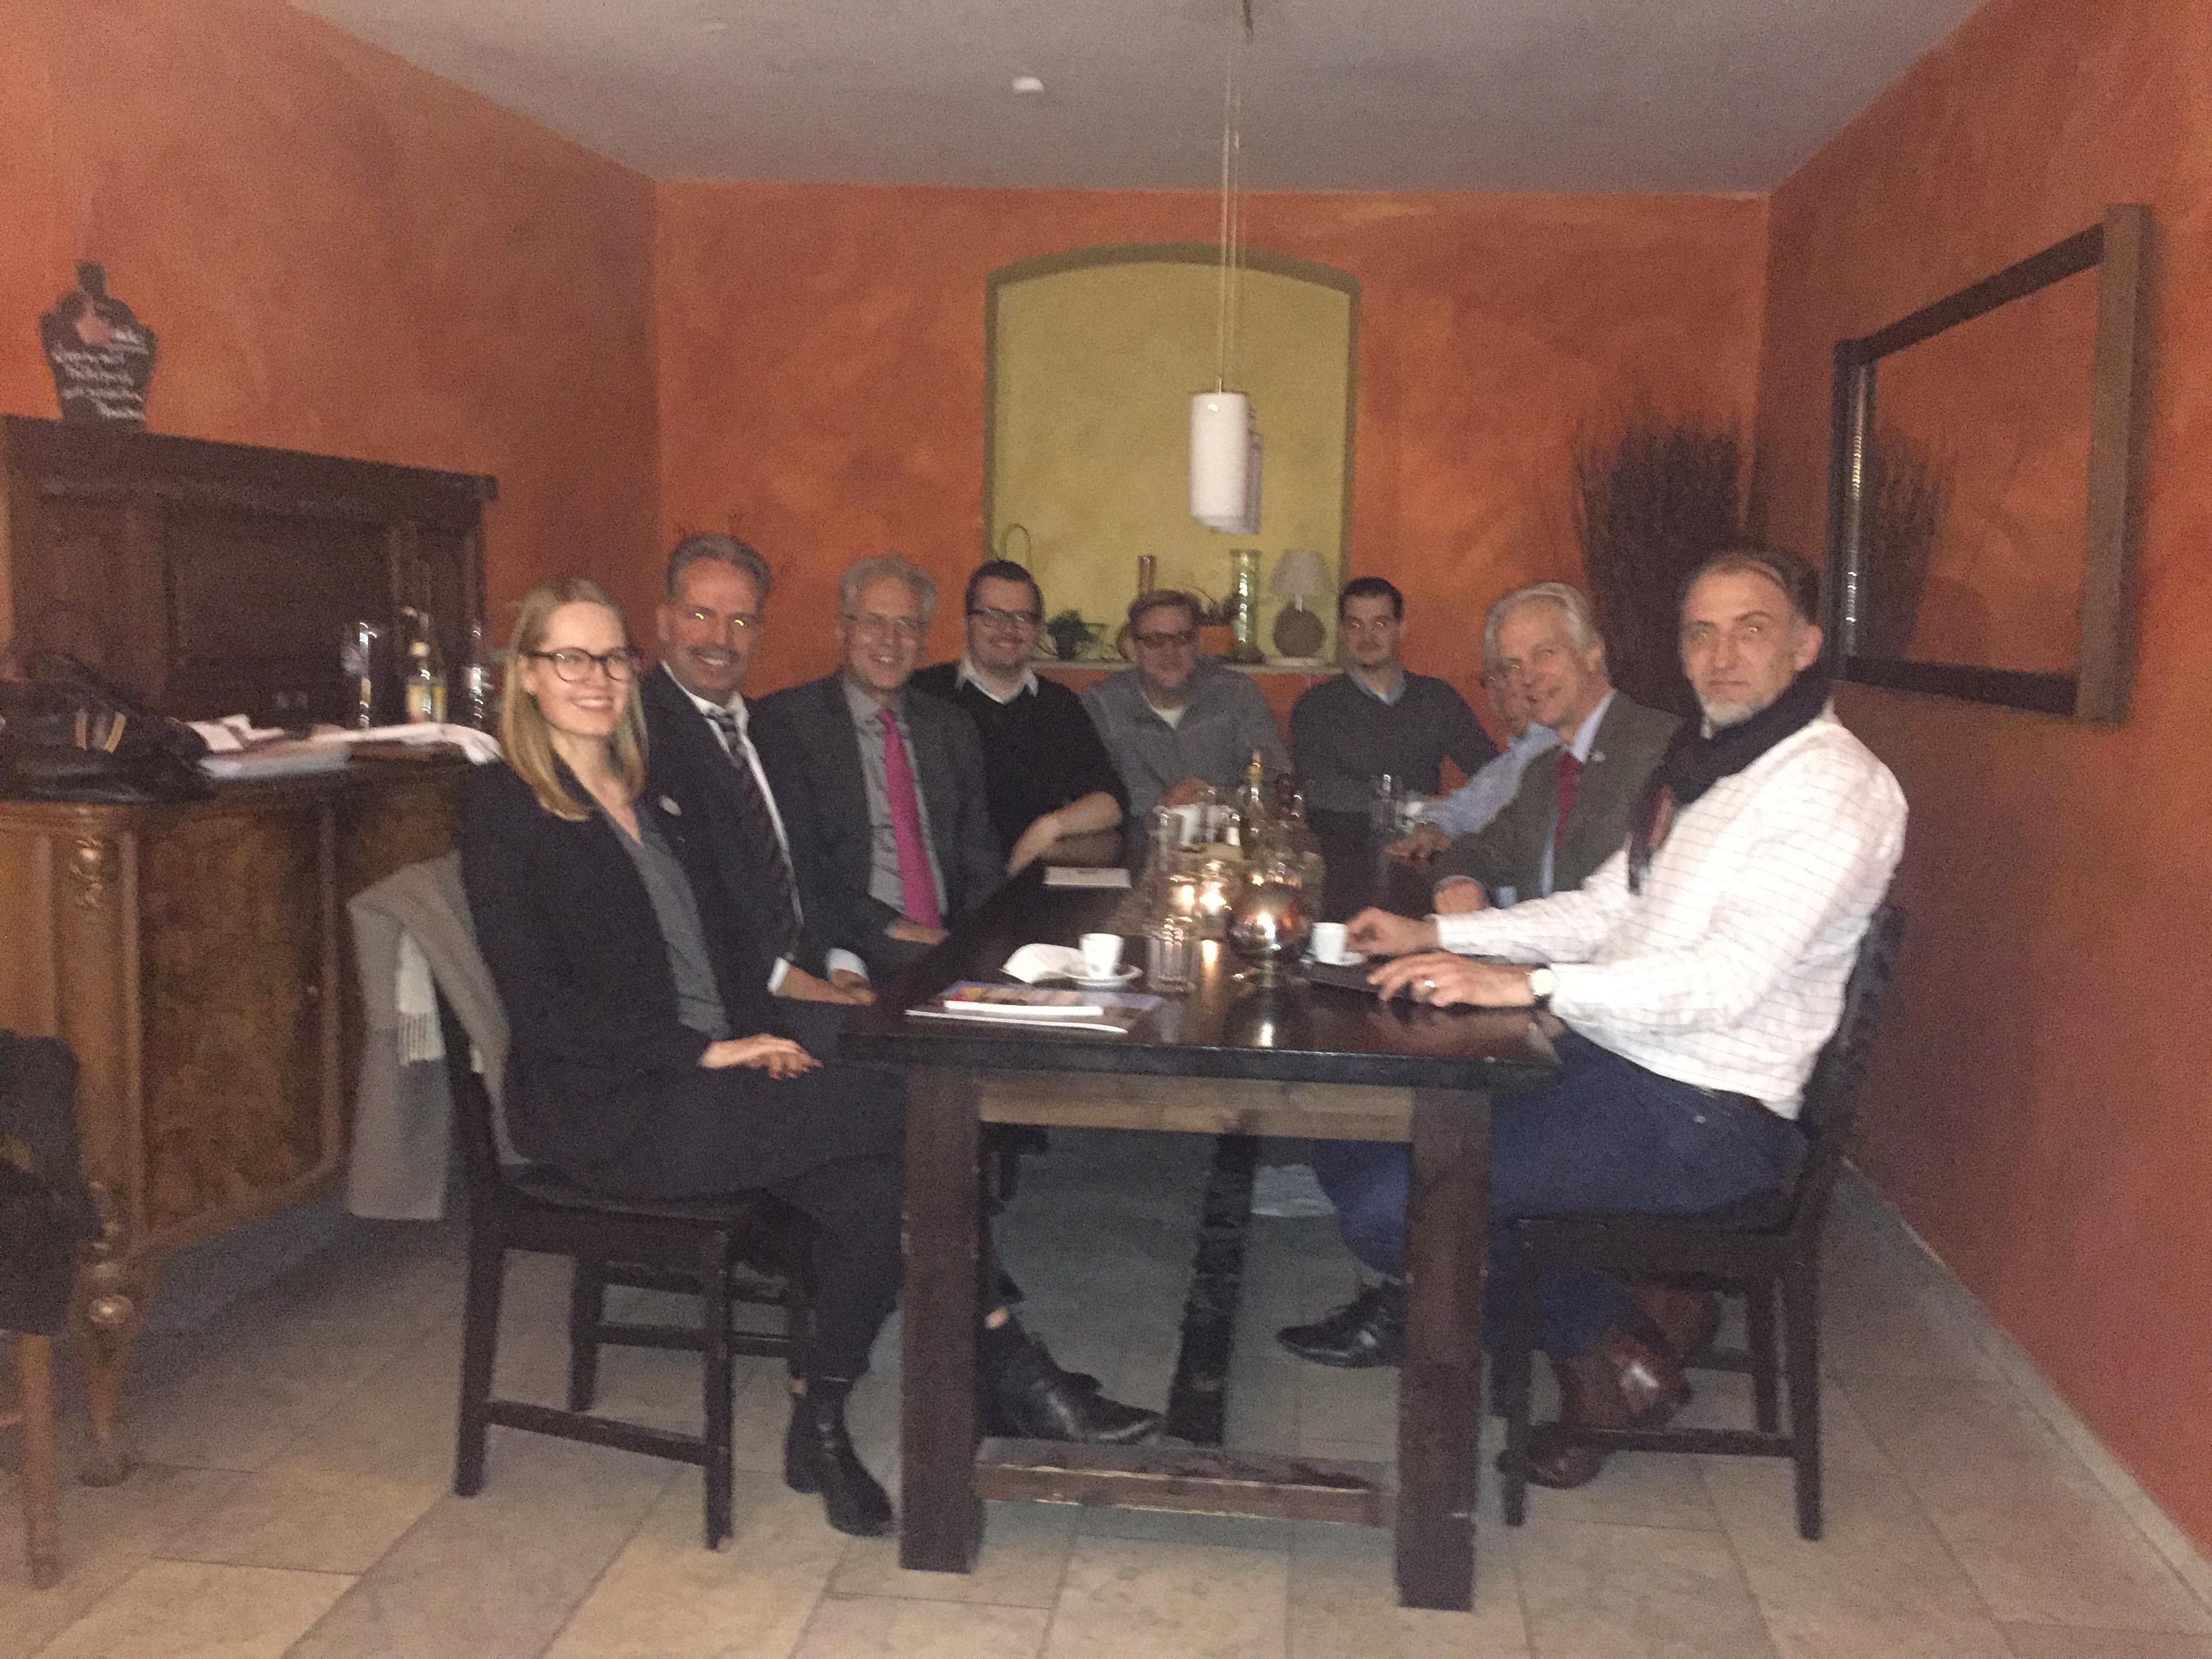 Zu Tisch mit Richard Bartsch